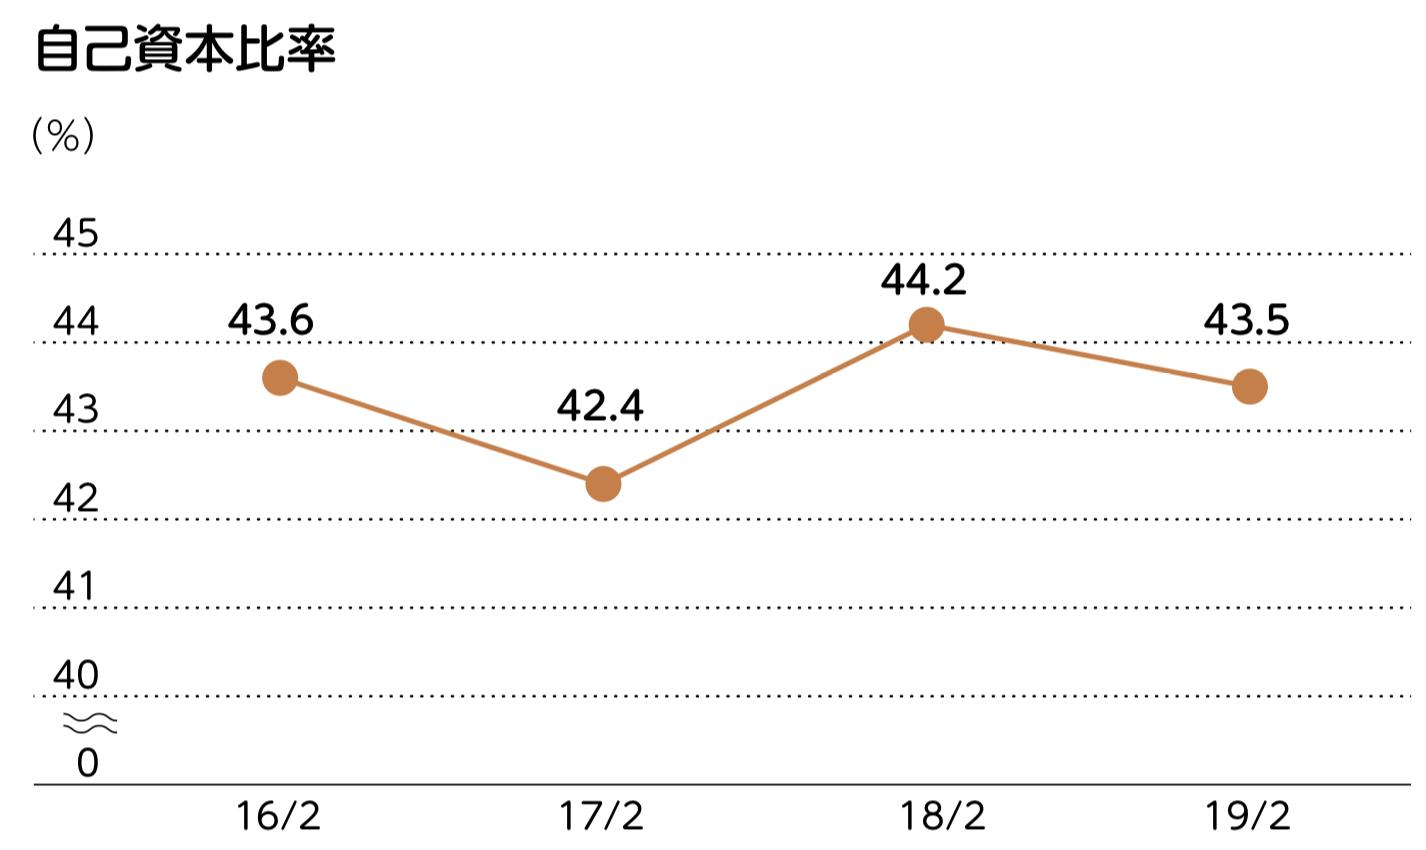 株式会社セブン&アイ・ホールディングス 自己資本比率